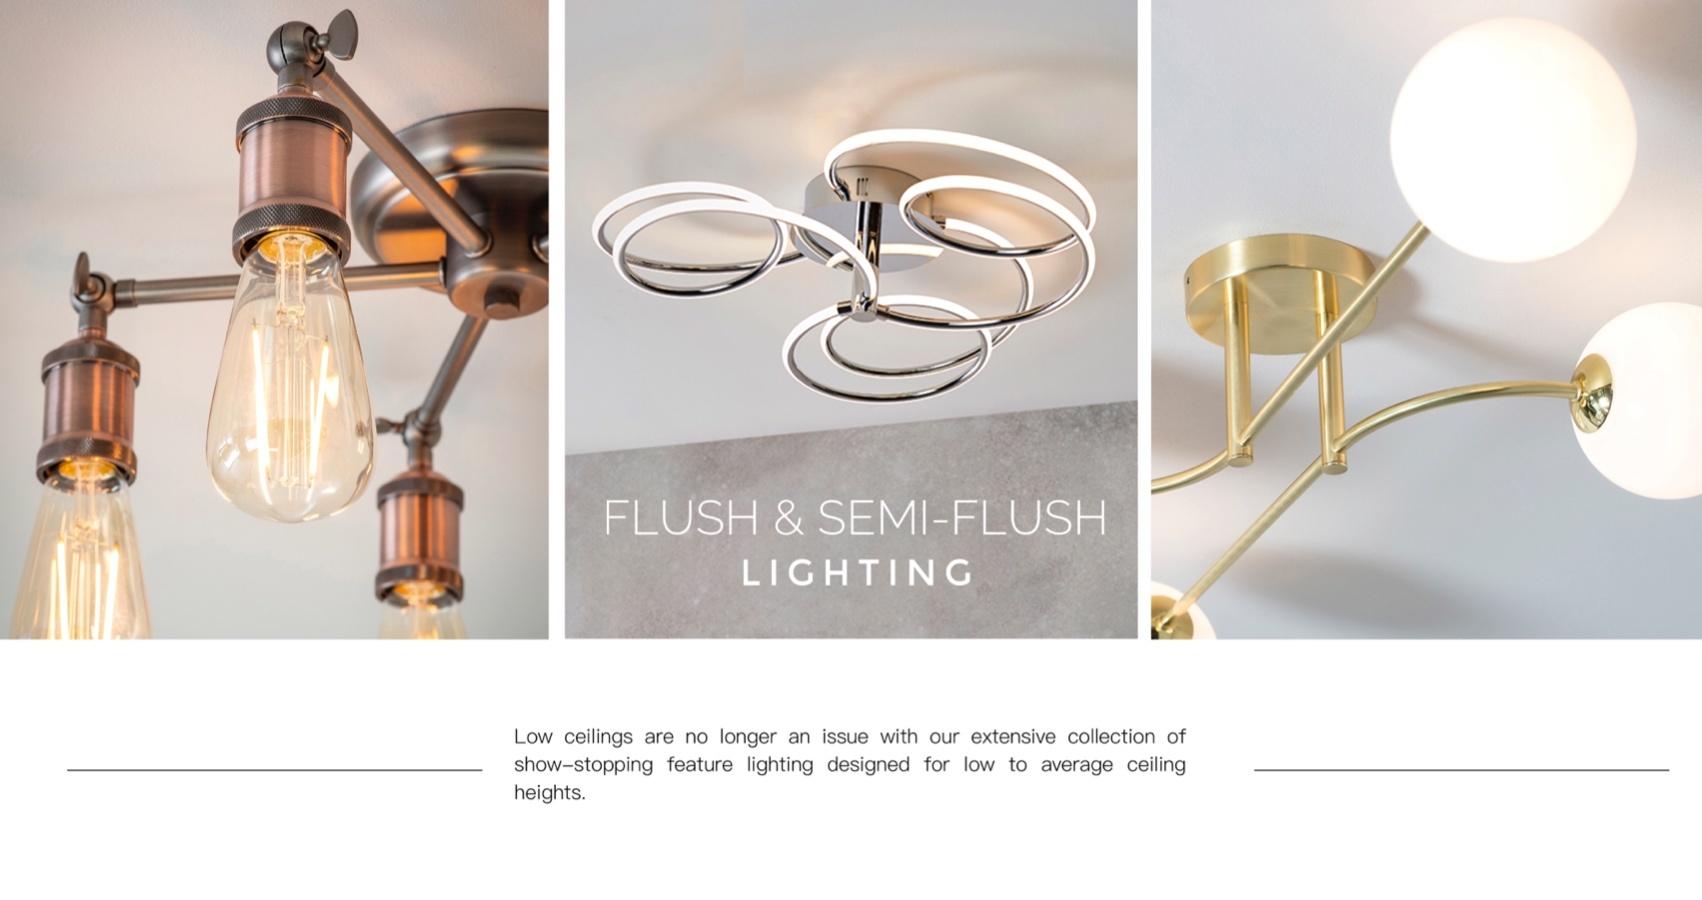 Flush & Semi Flush Lighting